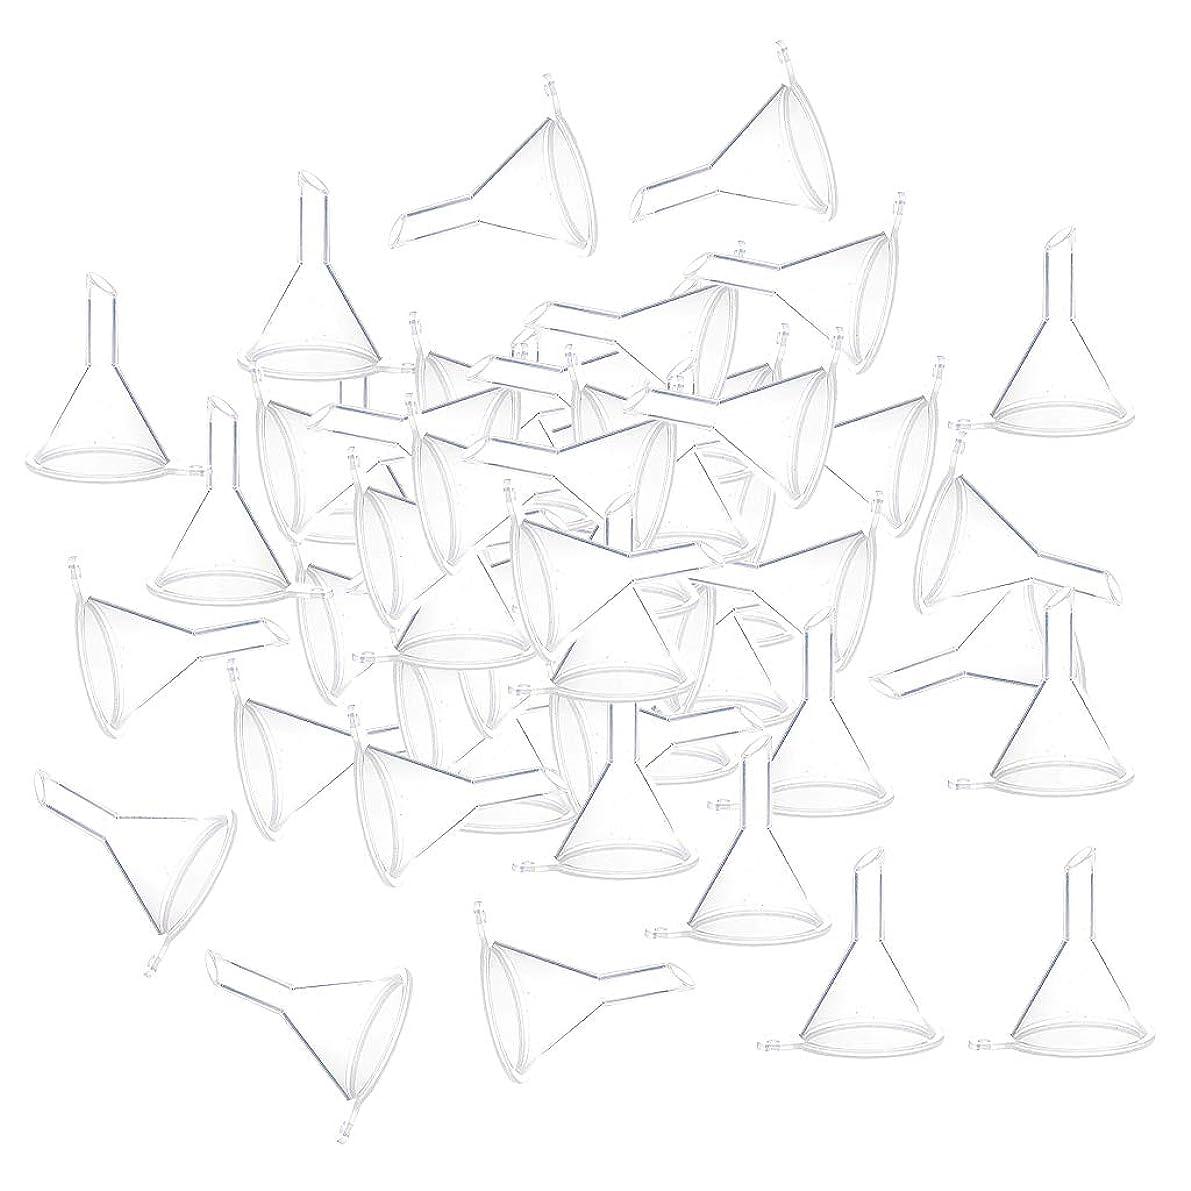 変えるボス機関F Fityle 小分けツール ミニ ファンネル エッセンシャルオイル 液体 香水用 全100個 3カラー - クリア